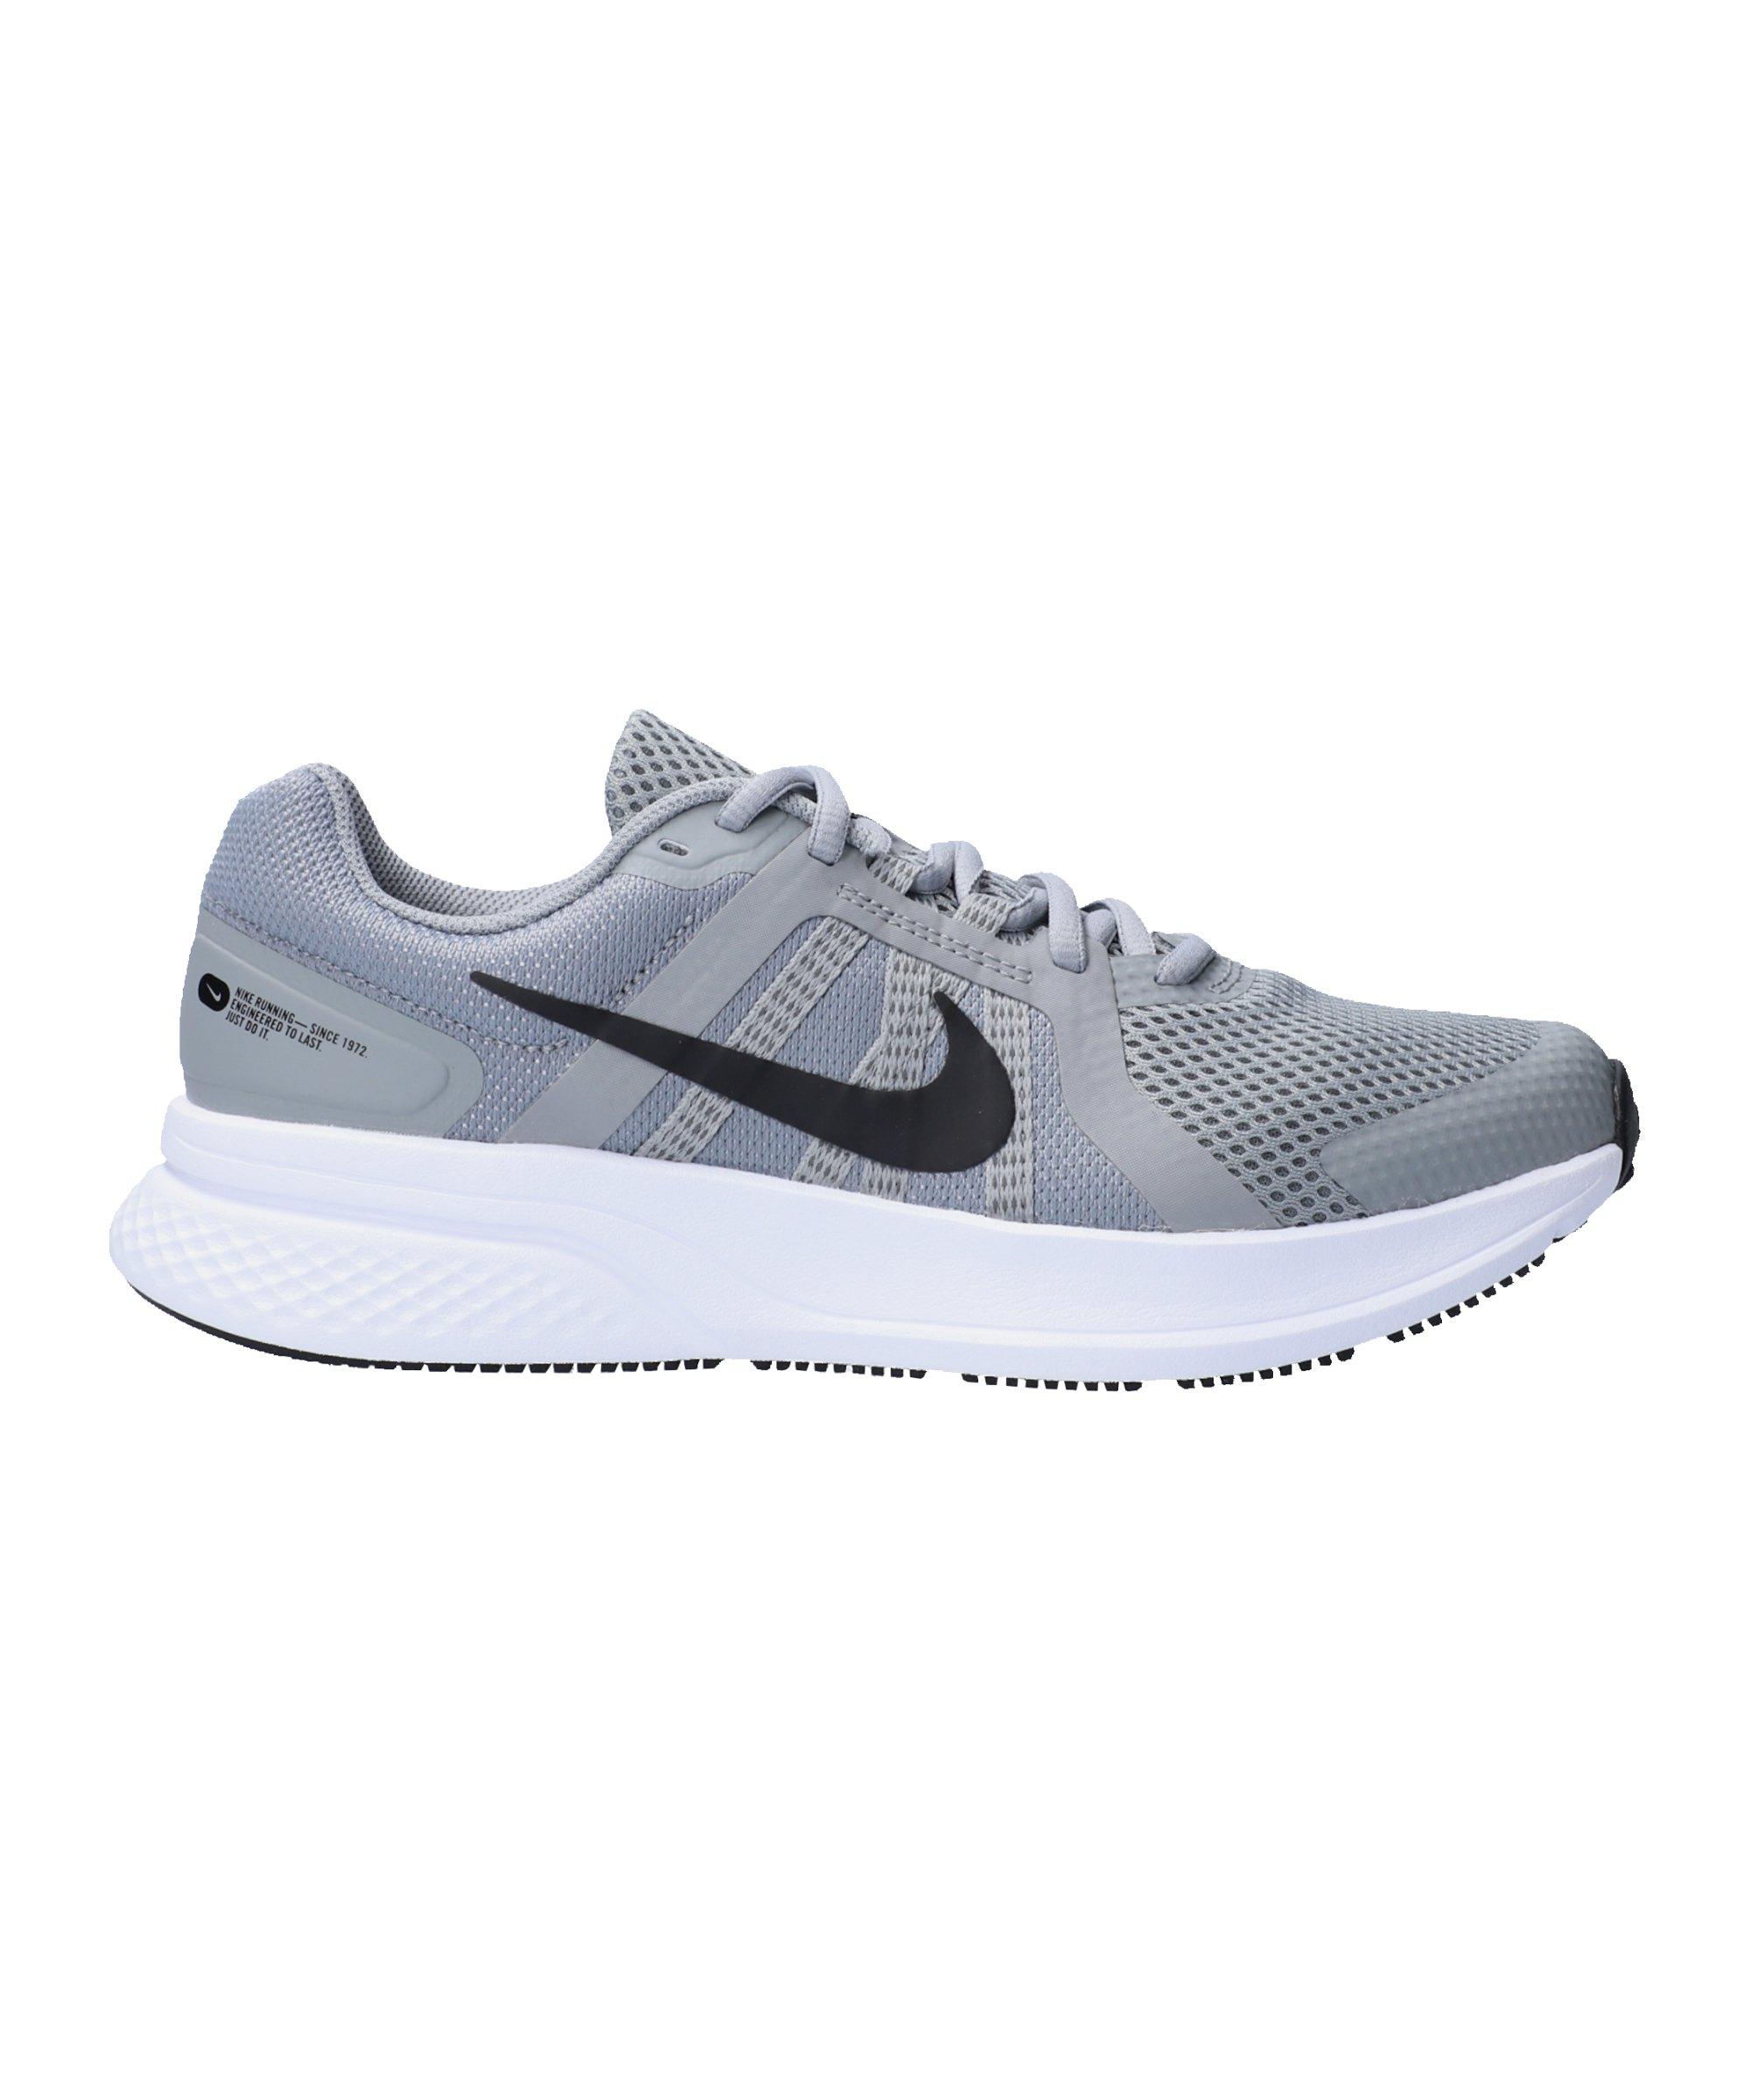 Nike Run Swift 2 Running Grau Schwarz F014 - grau